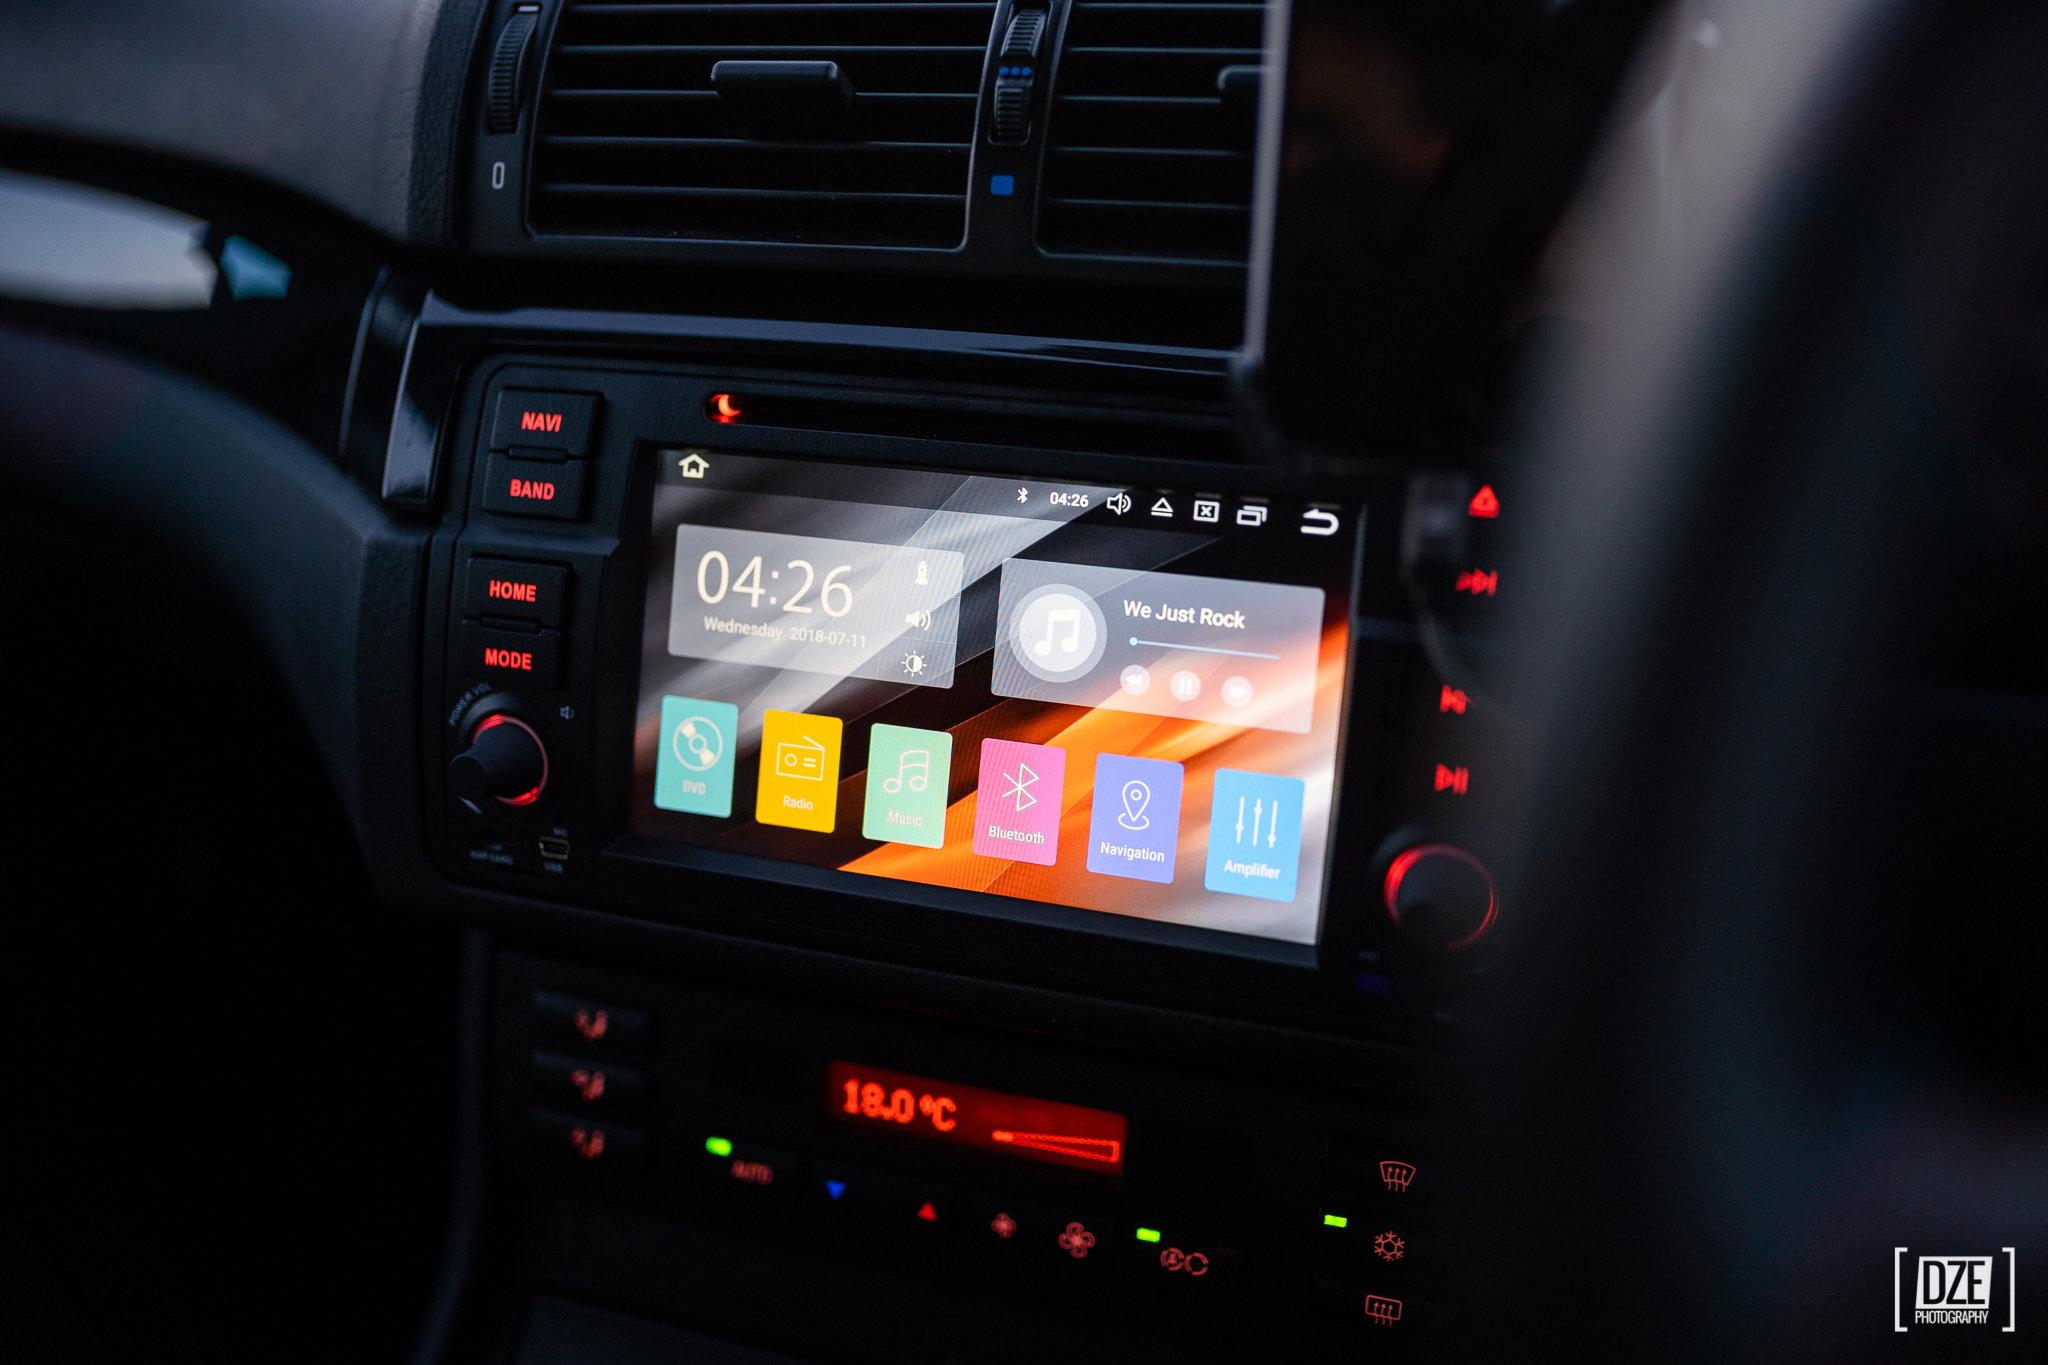 Xtrons Android Head Unit for E46 | Daze's E46 330D